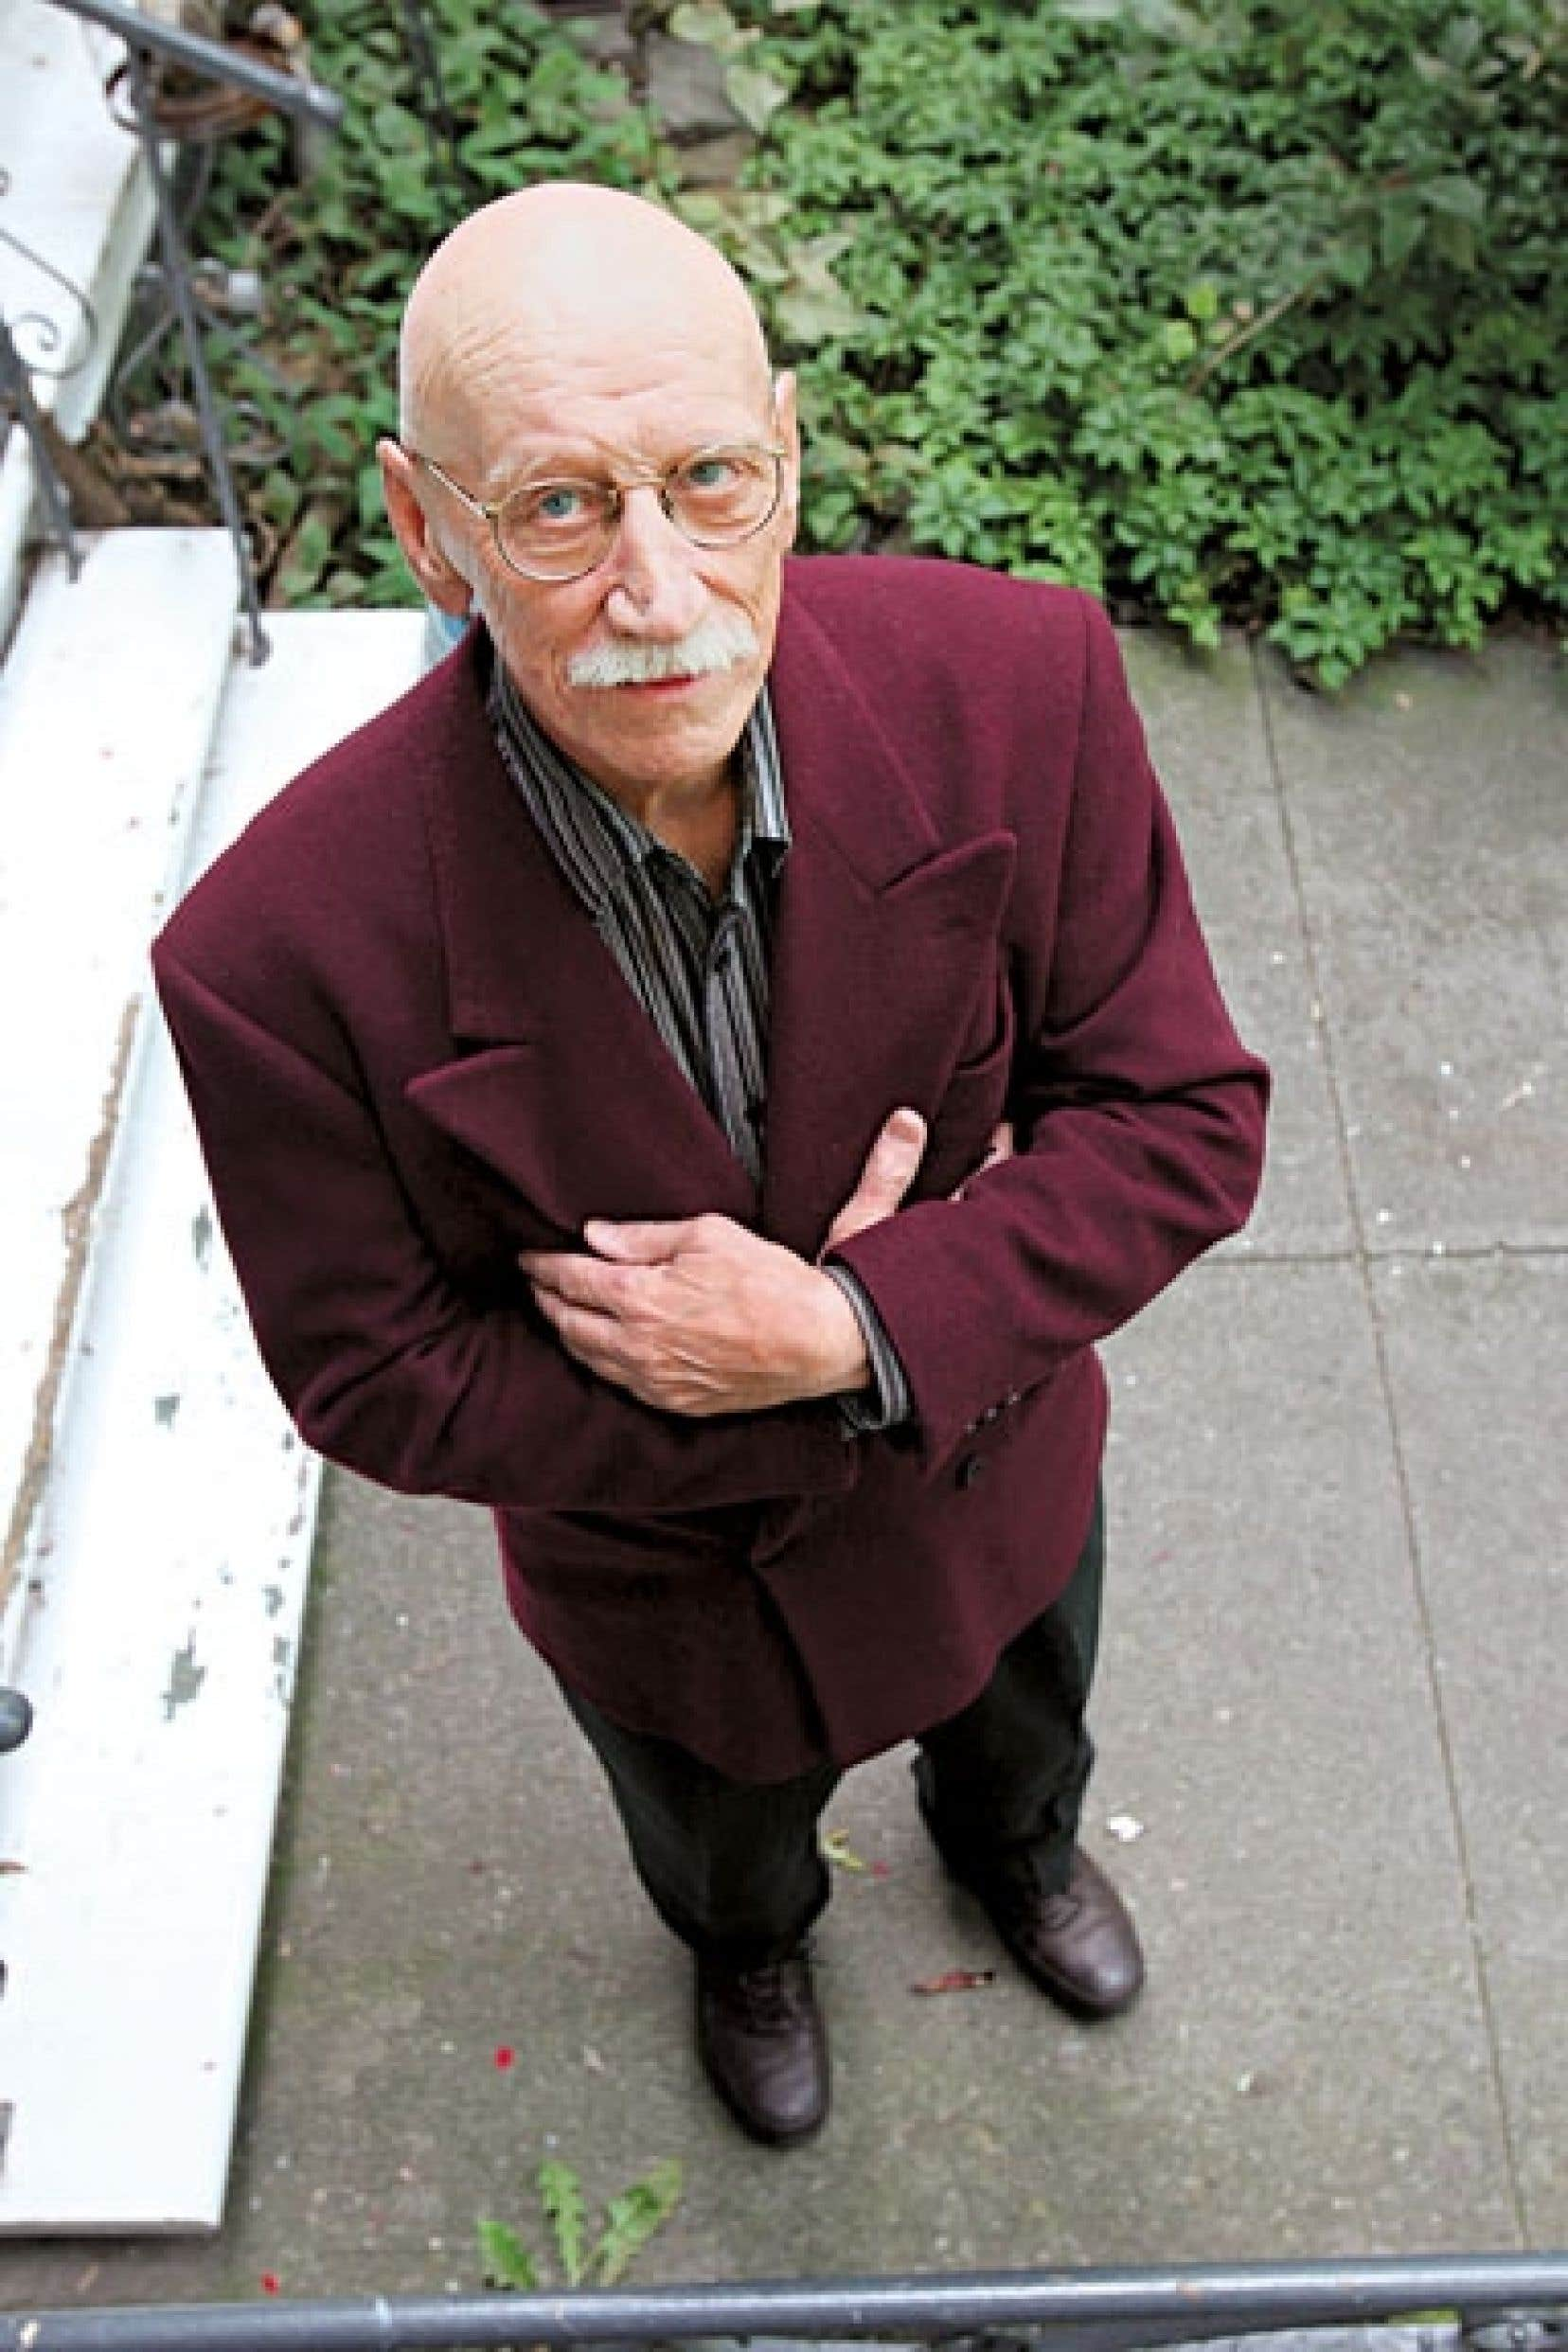 Le politologue et ex-marxiste révolutionnaire Jean-Marc Piotte fut l'un des fondateurs de la revue Parti pris, fondée il y a 50 ans cette année.